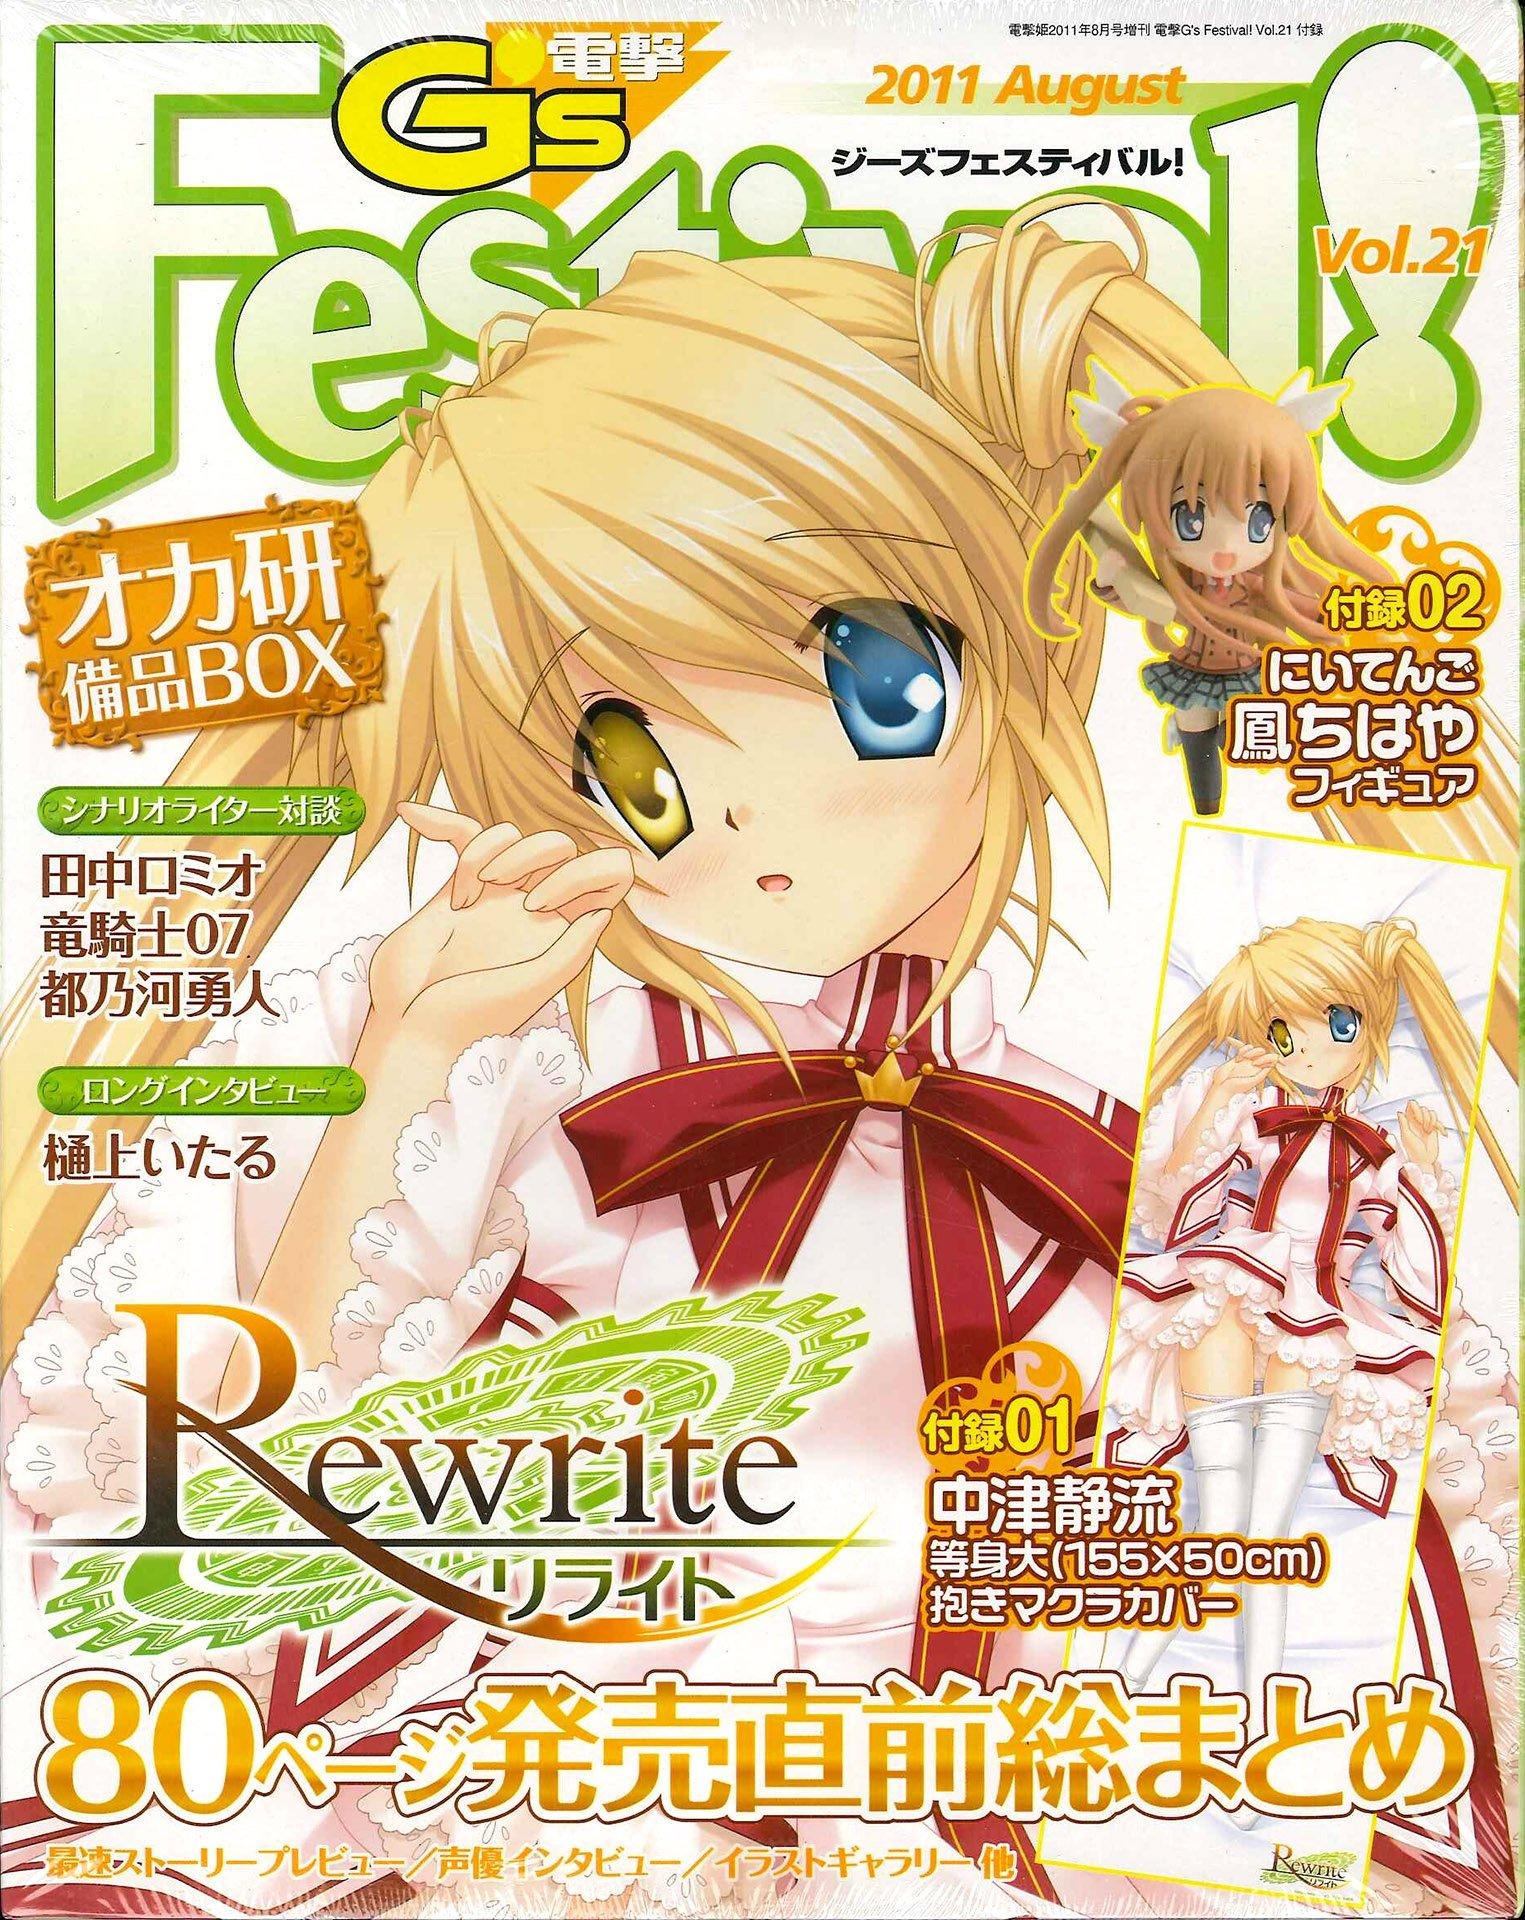 Dengeki G's Festival! Vol.21 (August 2011)